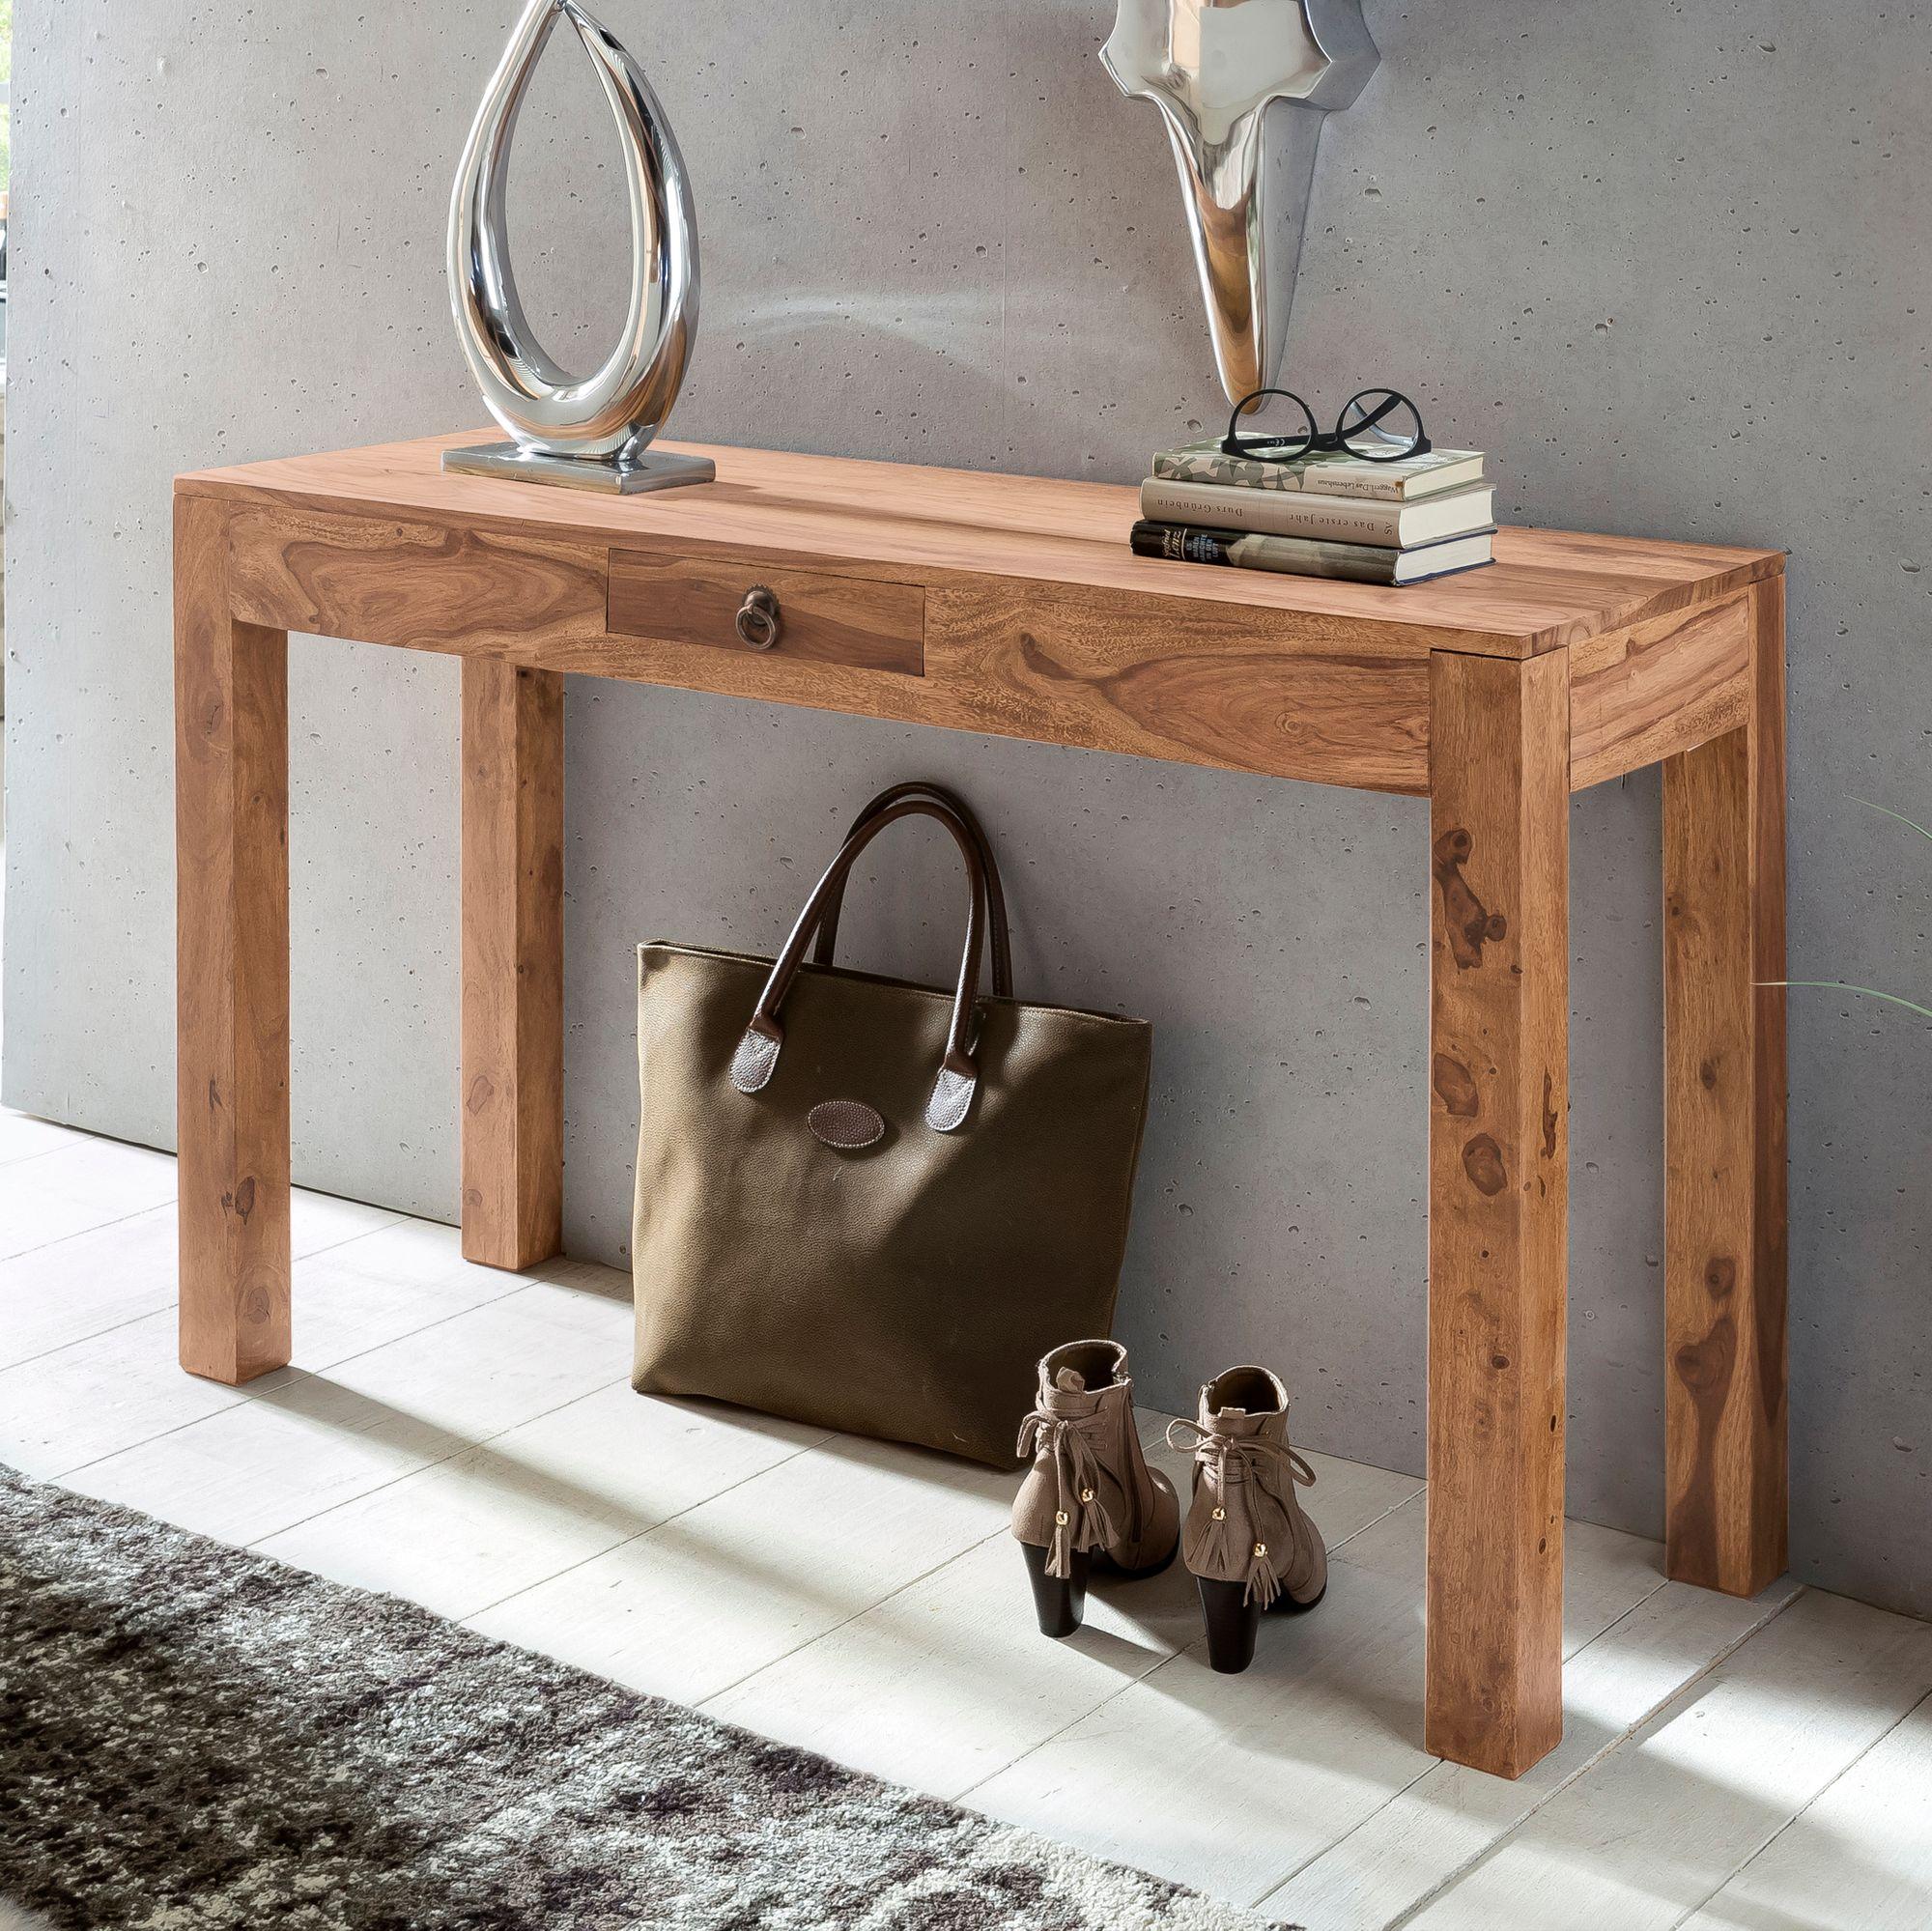 wohnling konsolentisch mumbai massivholz akazie konsole mit 1 schublade schreibtisch 120 x 40 cm. Black Bedroom Furniture Sets. Home Design Ideas